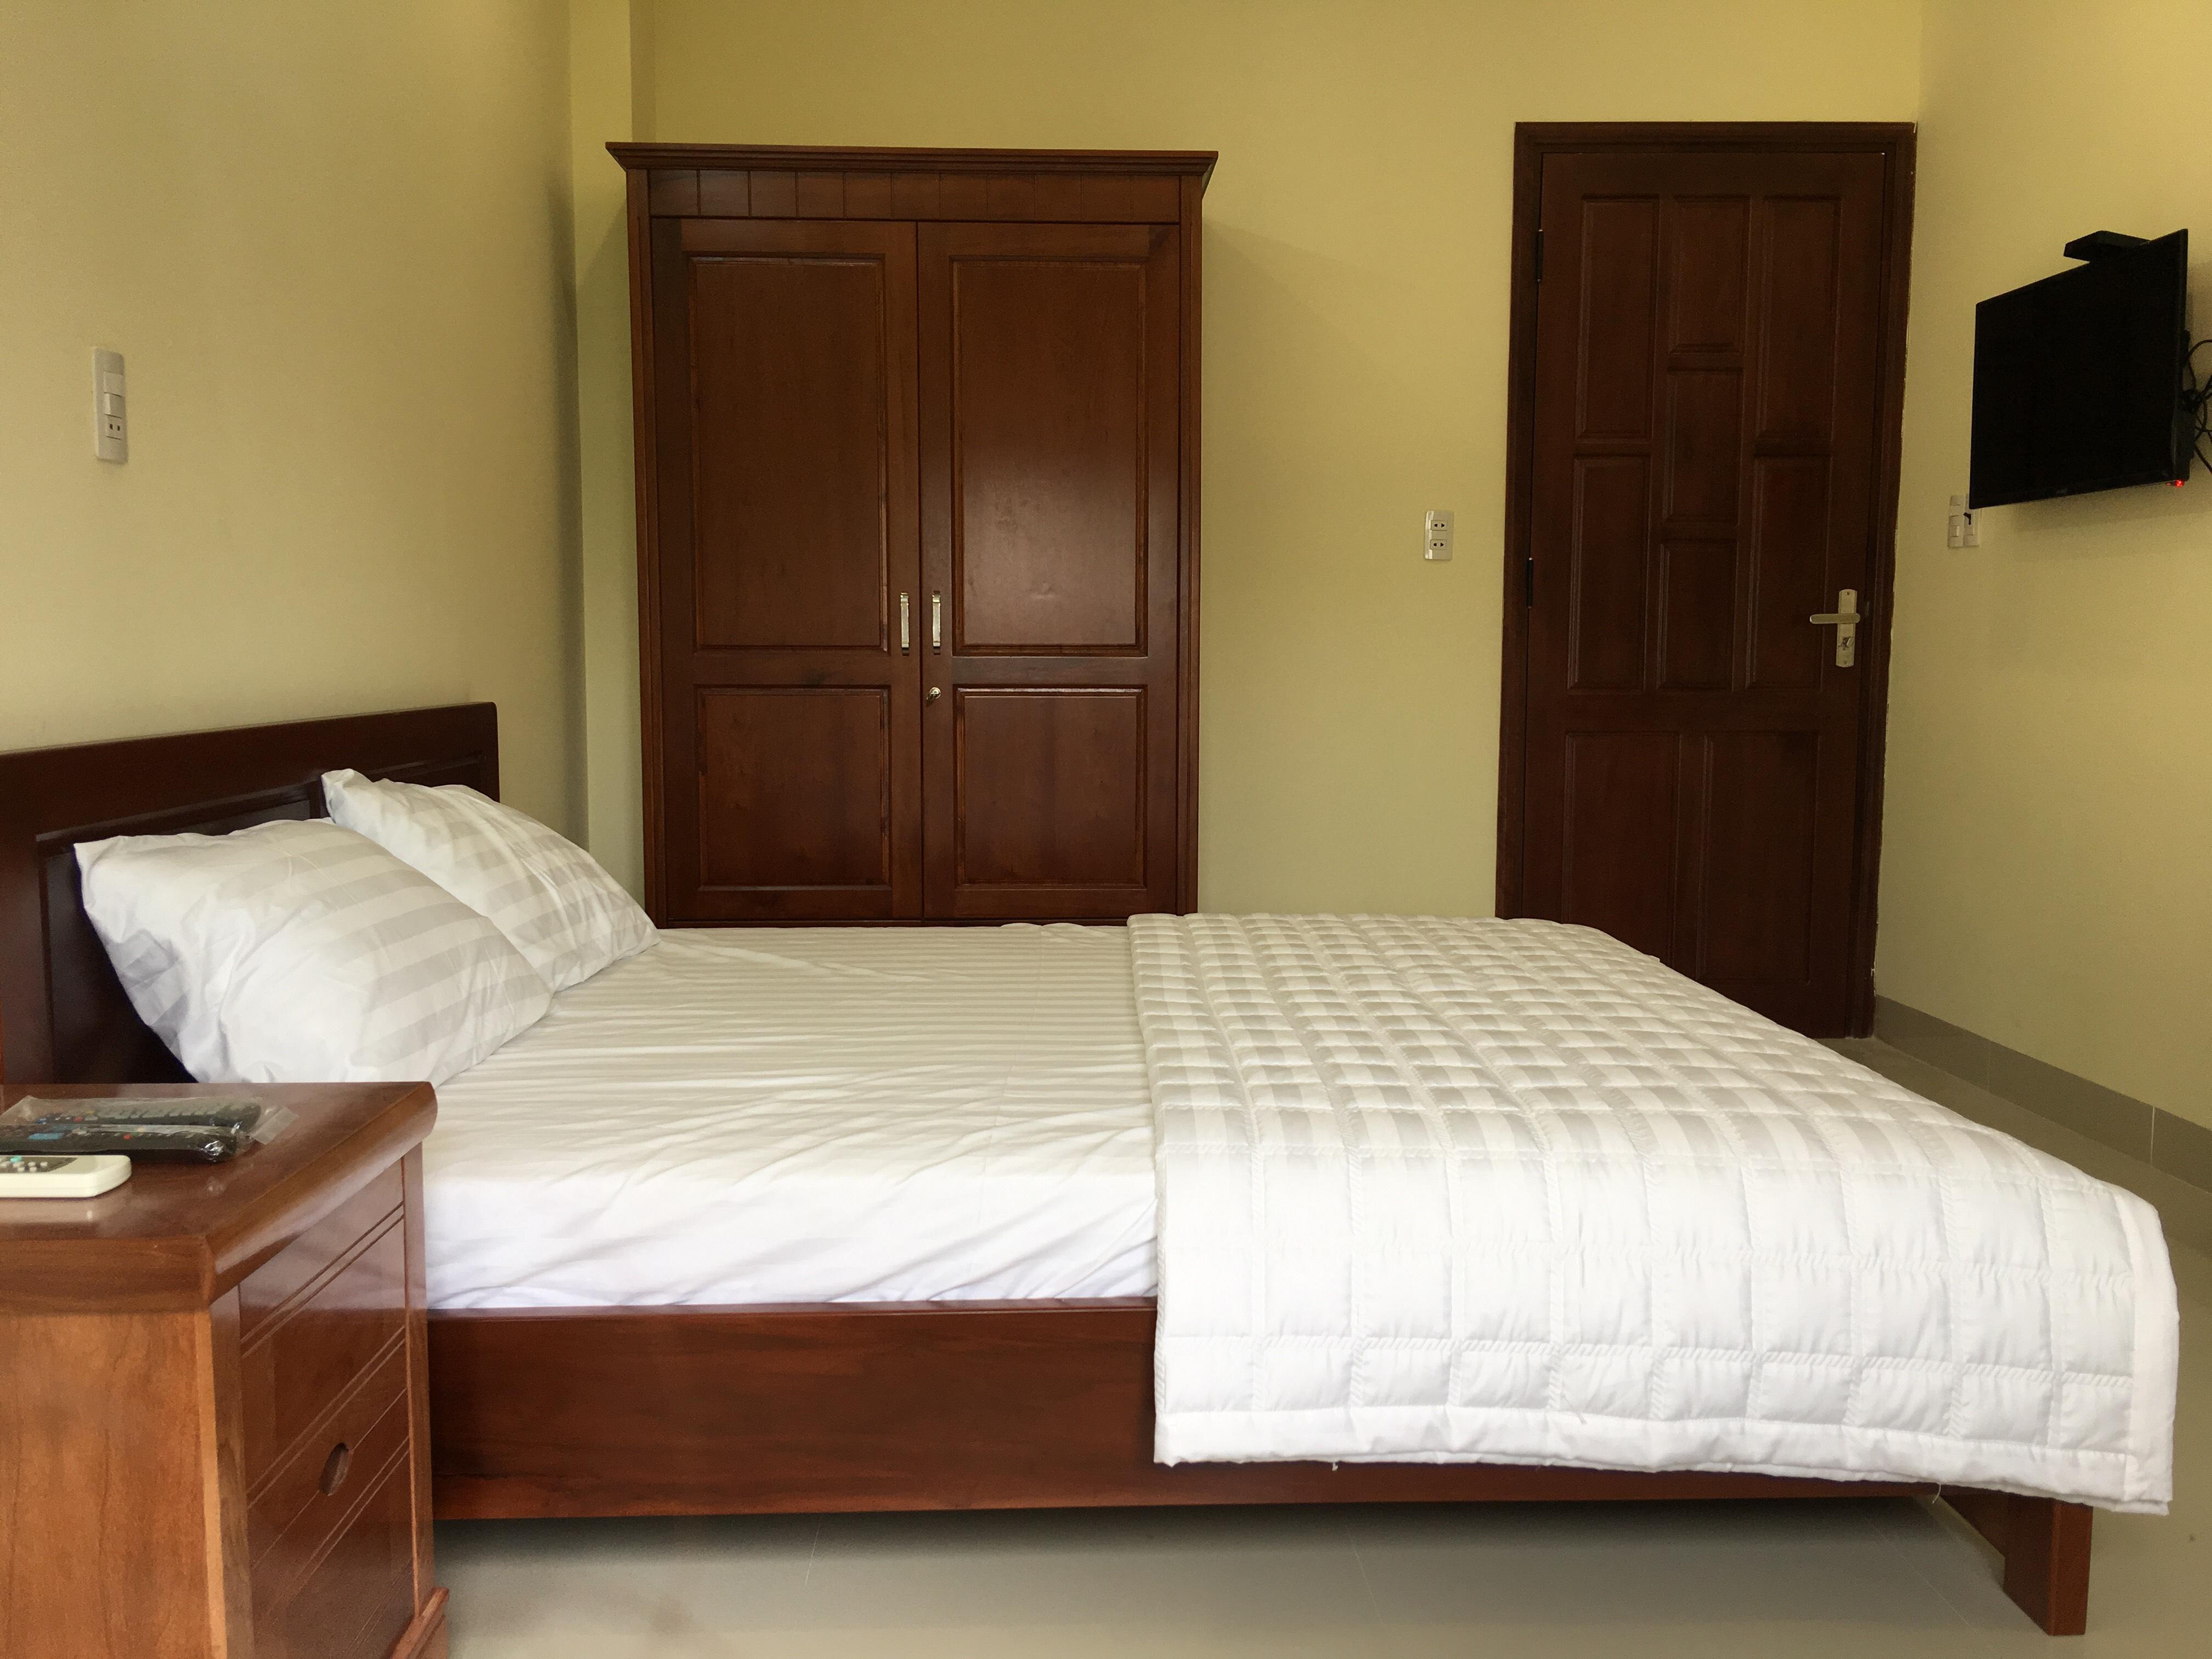 Cho thuê căn hộ Đà Nẵng 1PN quận Hải Châu thích hợp cho chuyên gia ở